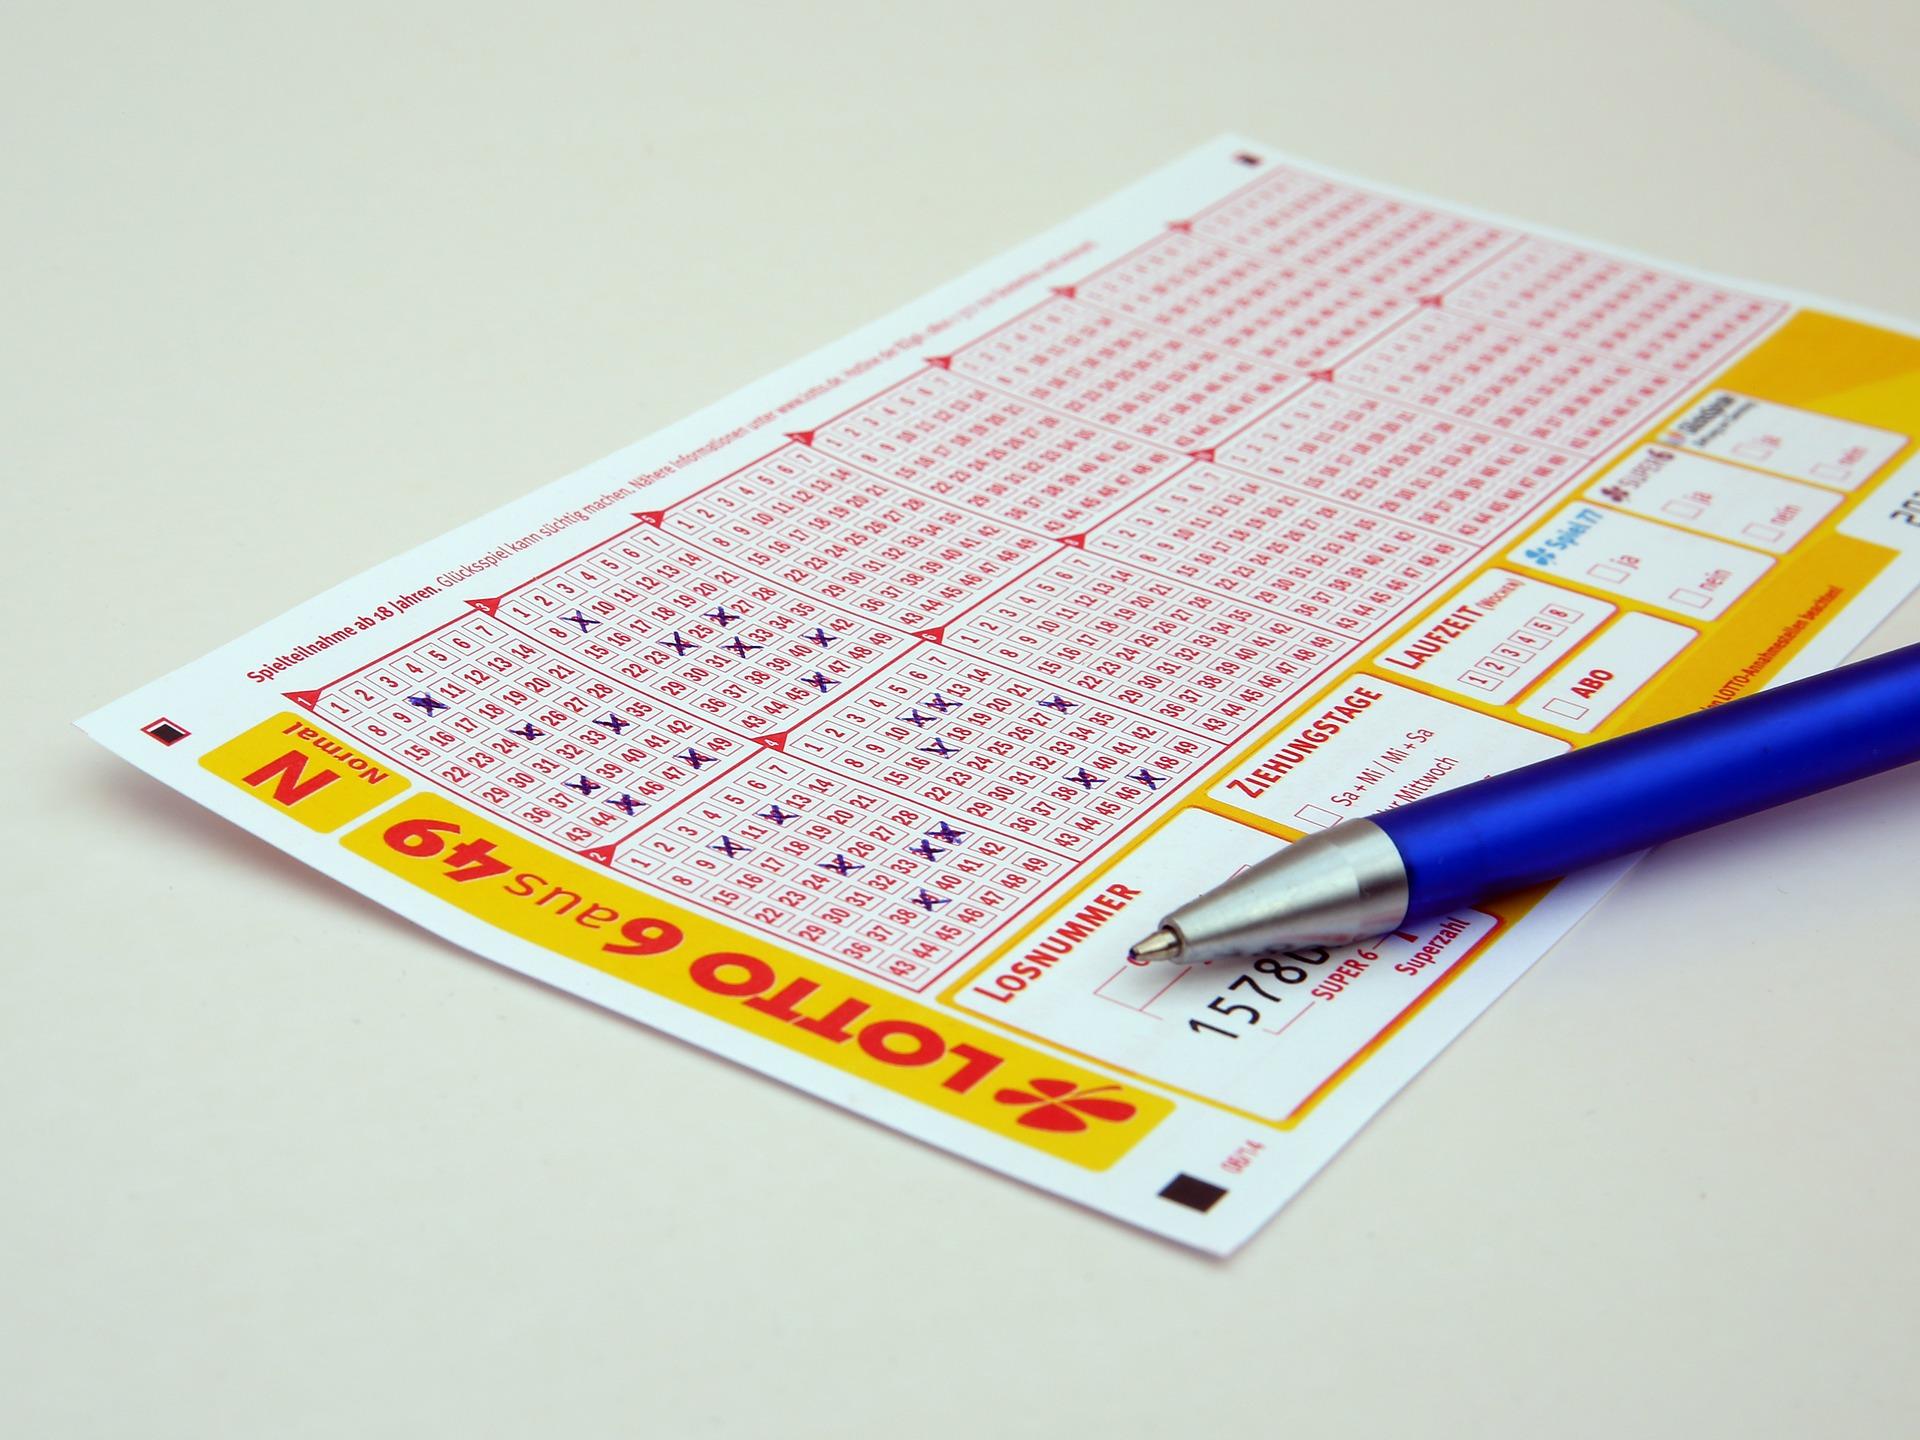 Staatliches Lotterieunternehmen will in ausländische Märkte einsteigen